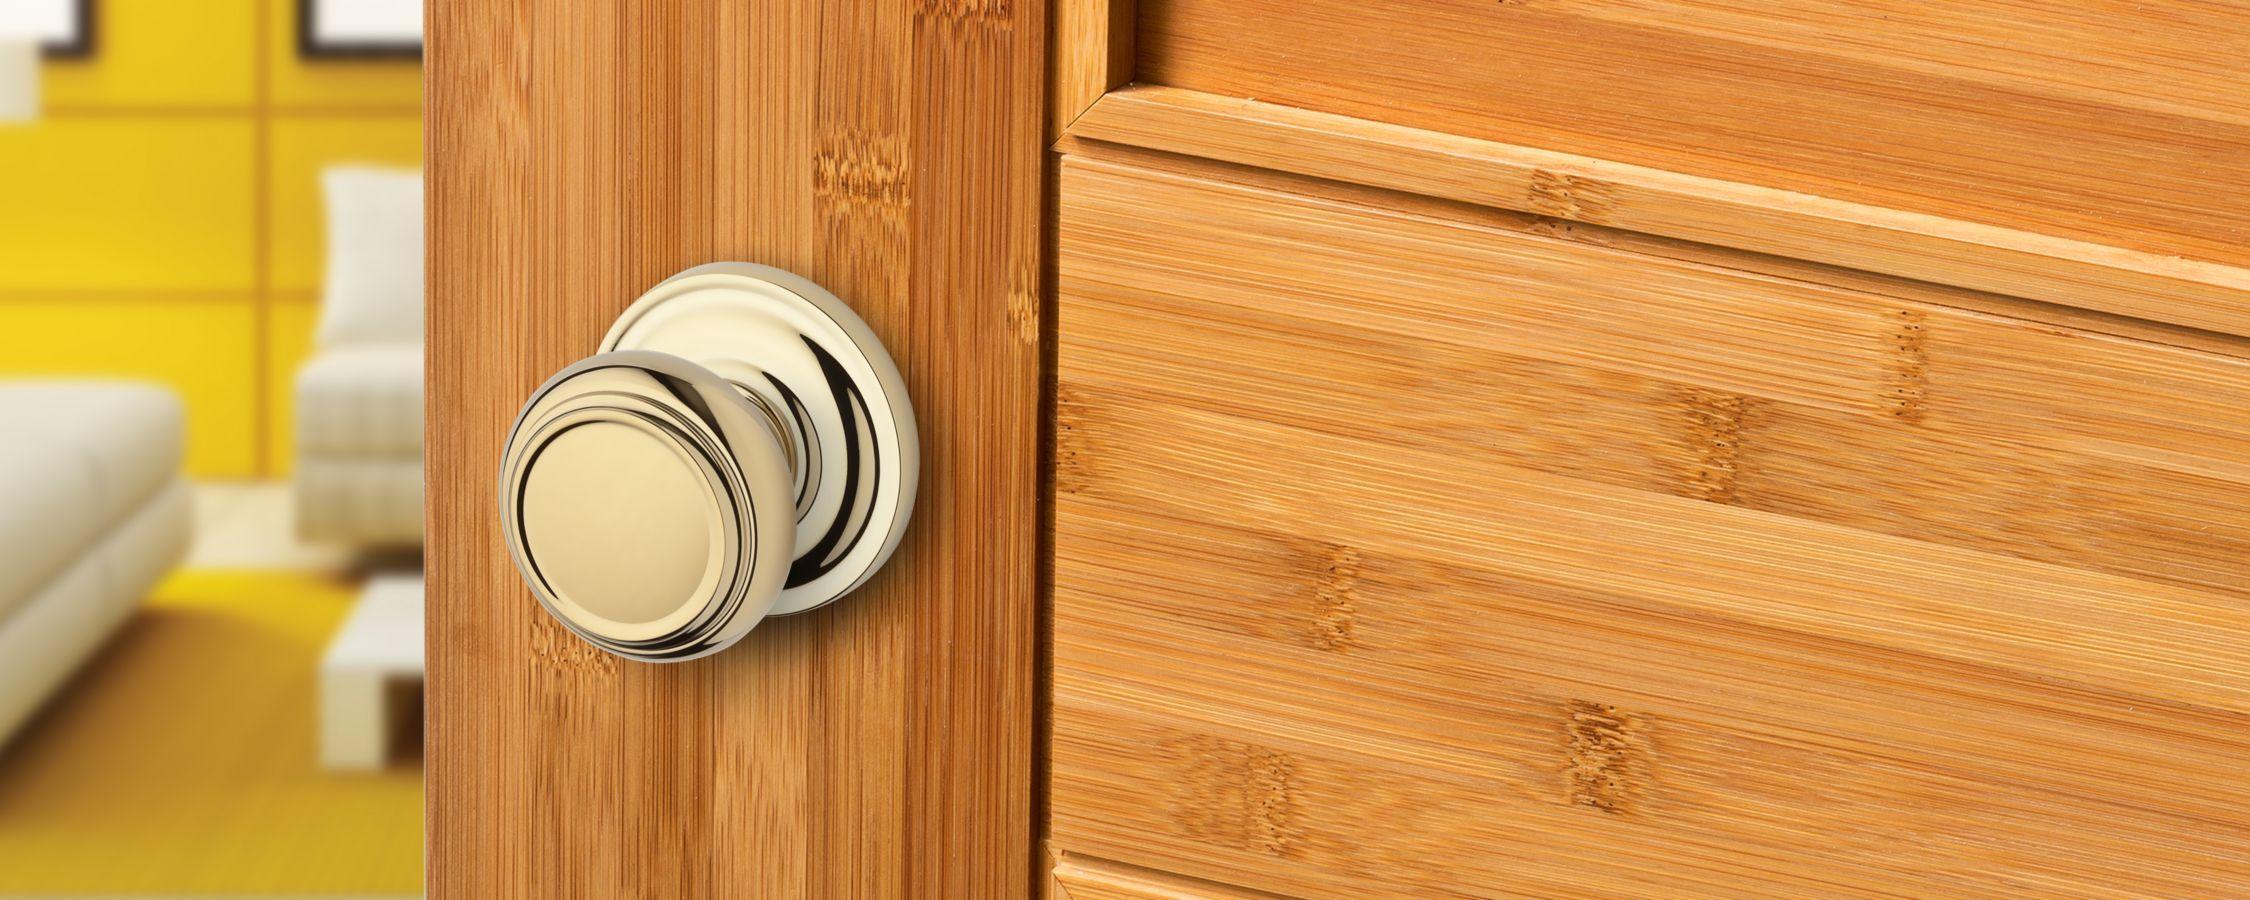 Lock Designer Tool Front door hardware, Design, Door handles